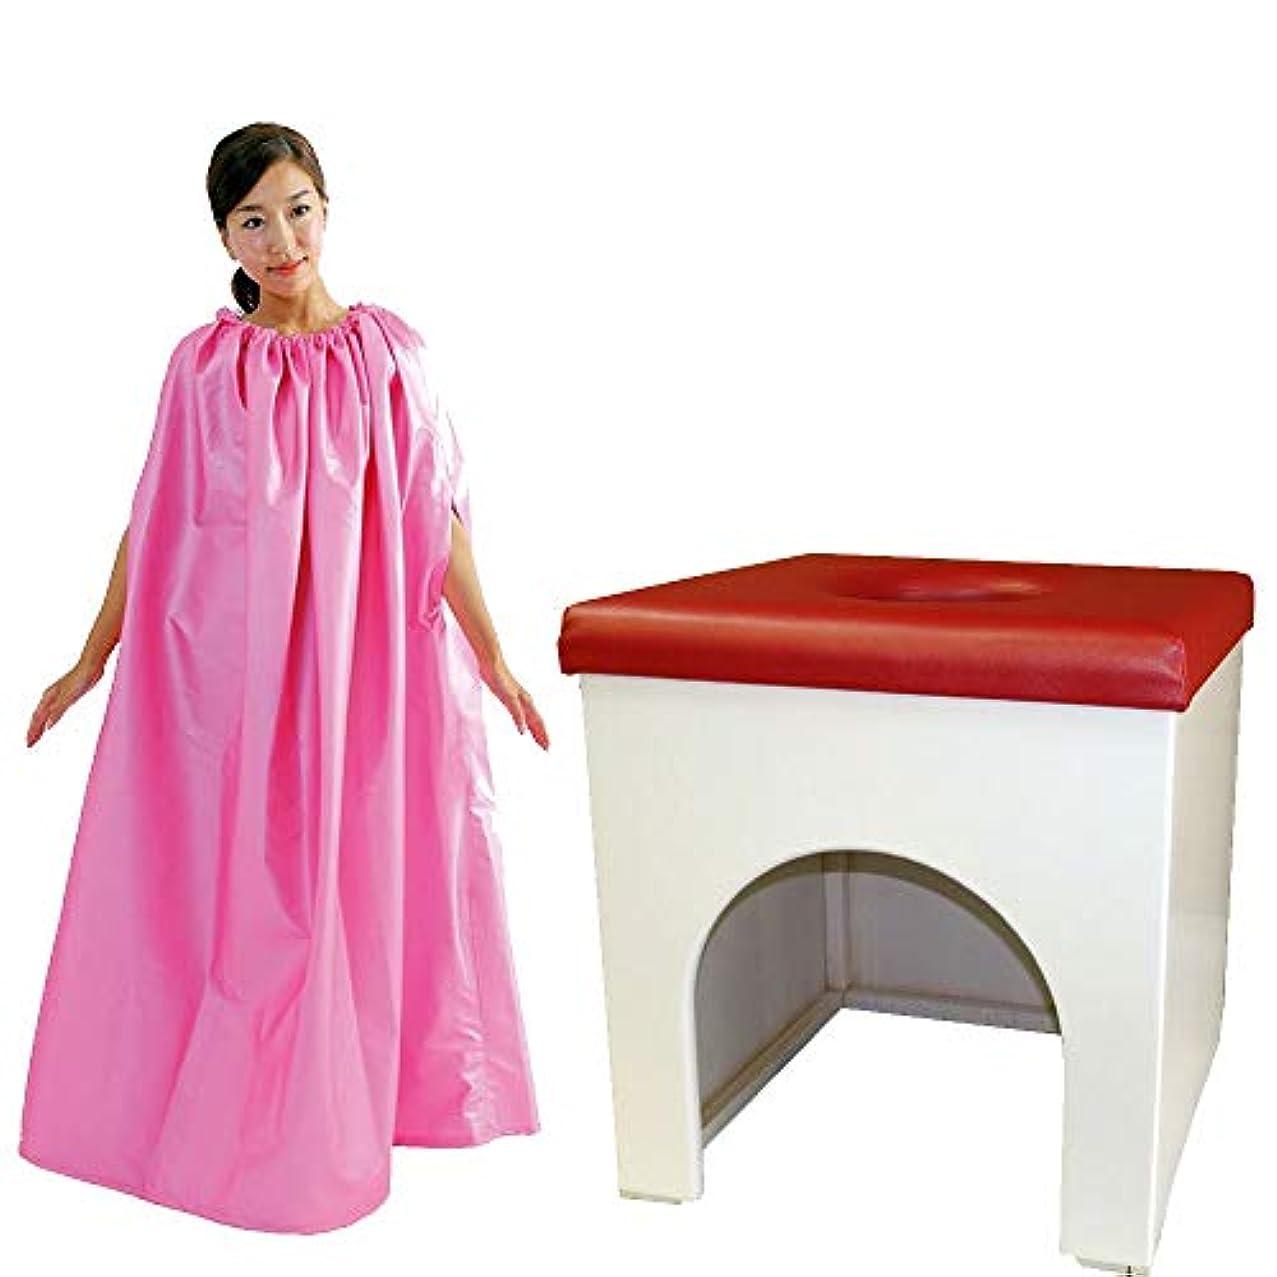 不器用メジャー起こる【WR】まる温よもぎ蒸し【白椅子(ワインレッドシート)セット】専用マント?薬草60回分?電気鍋【期待通りの満足感をお届けします!】/爽やかなホワイトカラーで、人体に無害な塗装仕上げで通常の椅子より長持ちします! (ピンク)